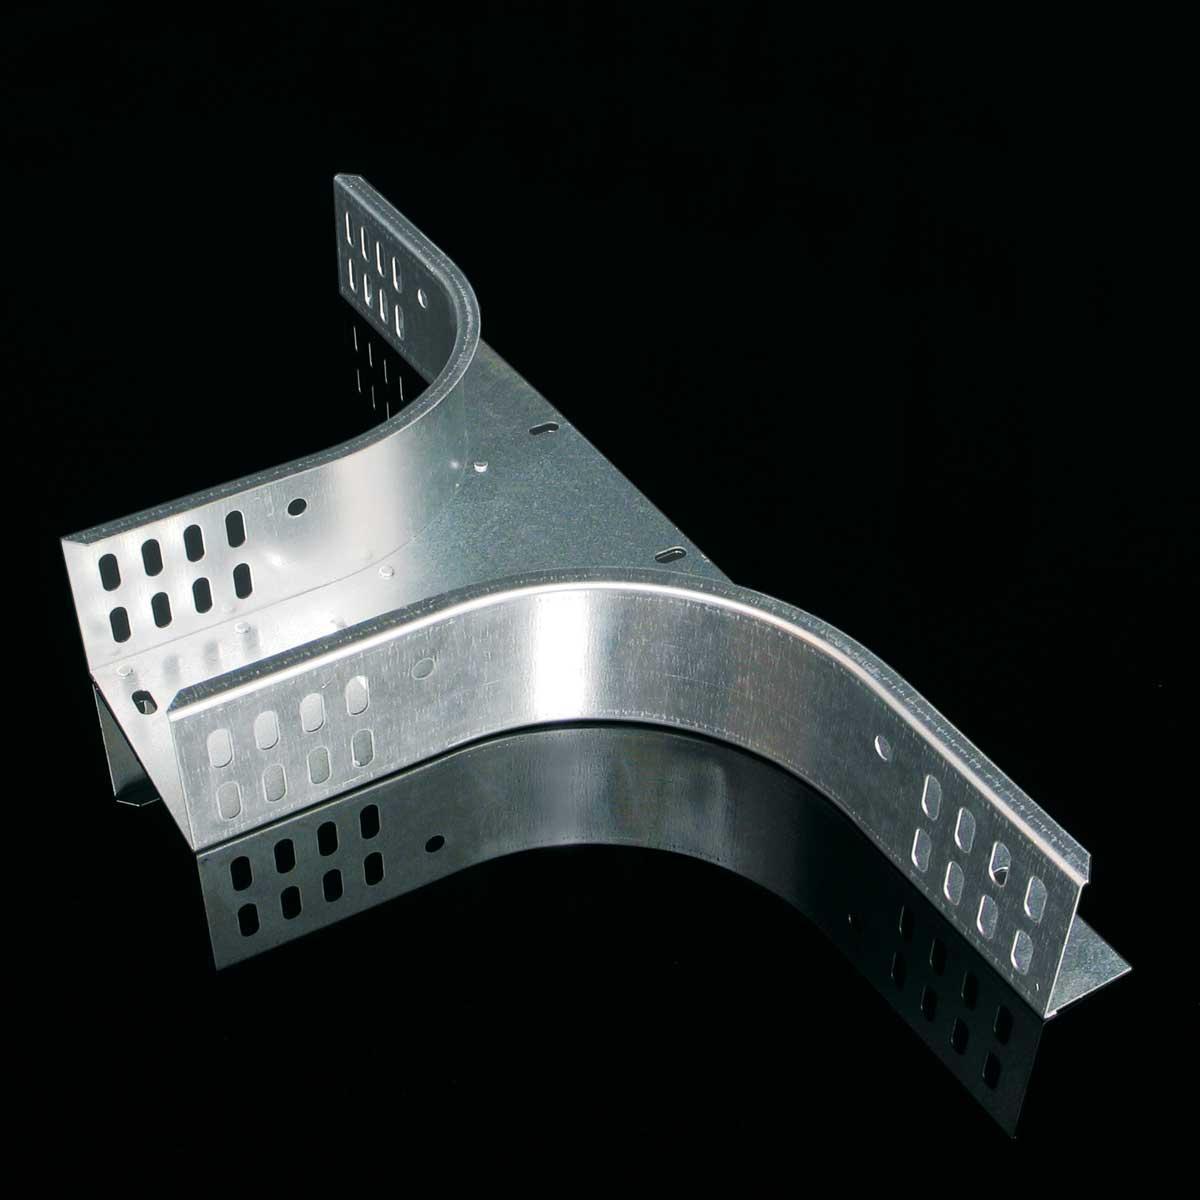 Відгалуження горизонтальне для лотка JUPITER; розміри-35x100x500mm Товщ. метал-0,8 Вага-0,64кг/м